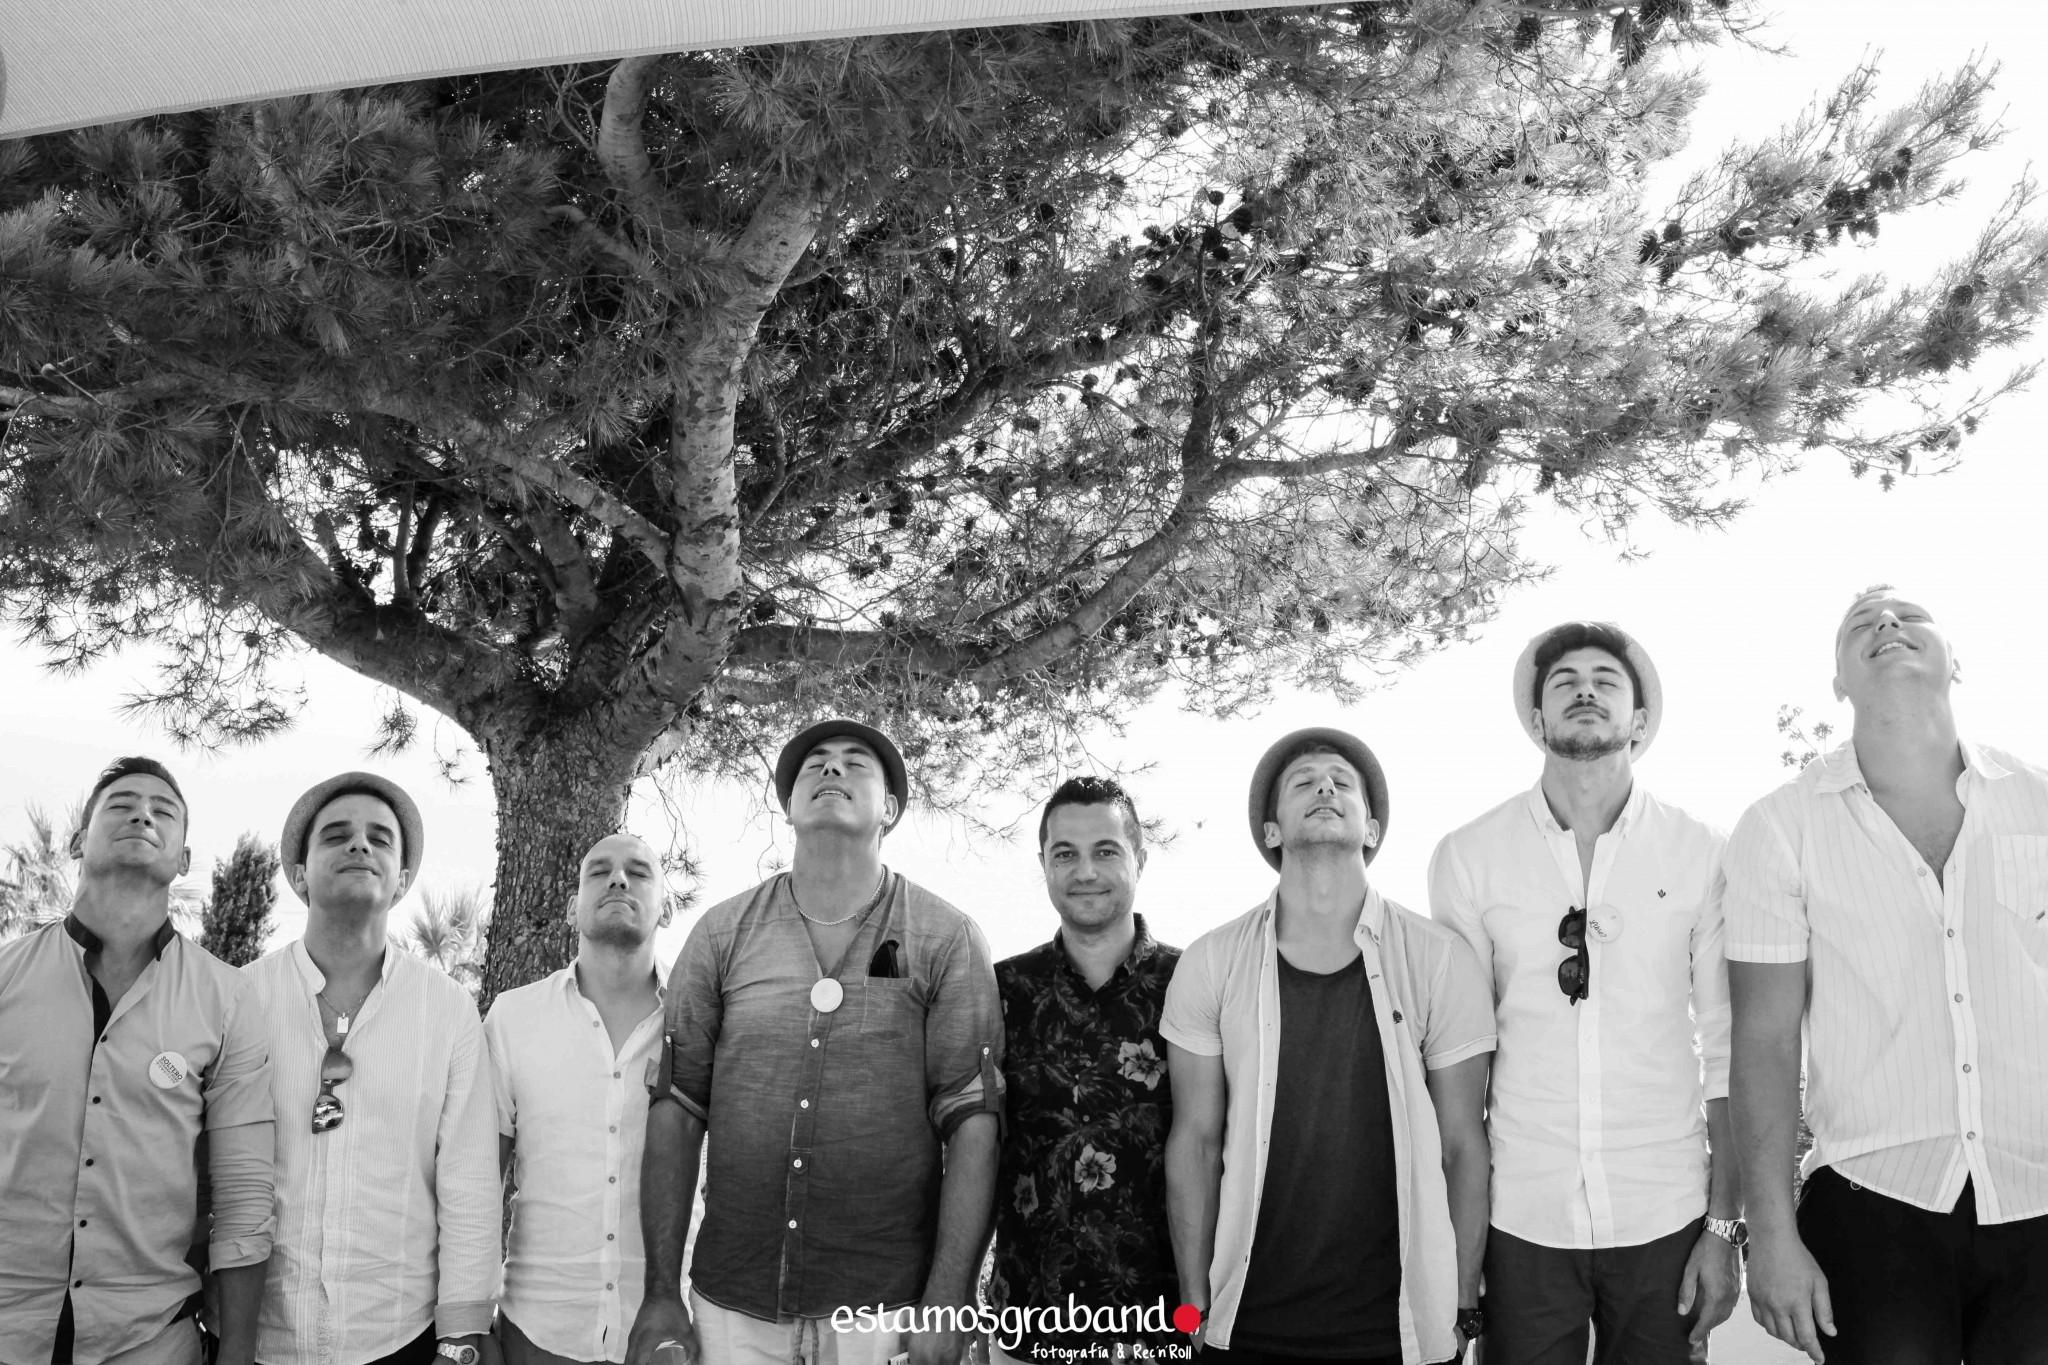 Alba-y-Jose-BTTW-46 Los invitados de Alba & Jose [Back to the wedding_Atlanterra, Zahara de los Atunes] - video boda cadiz